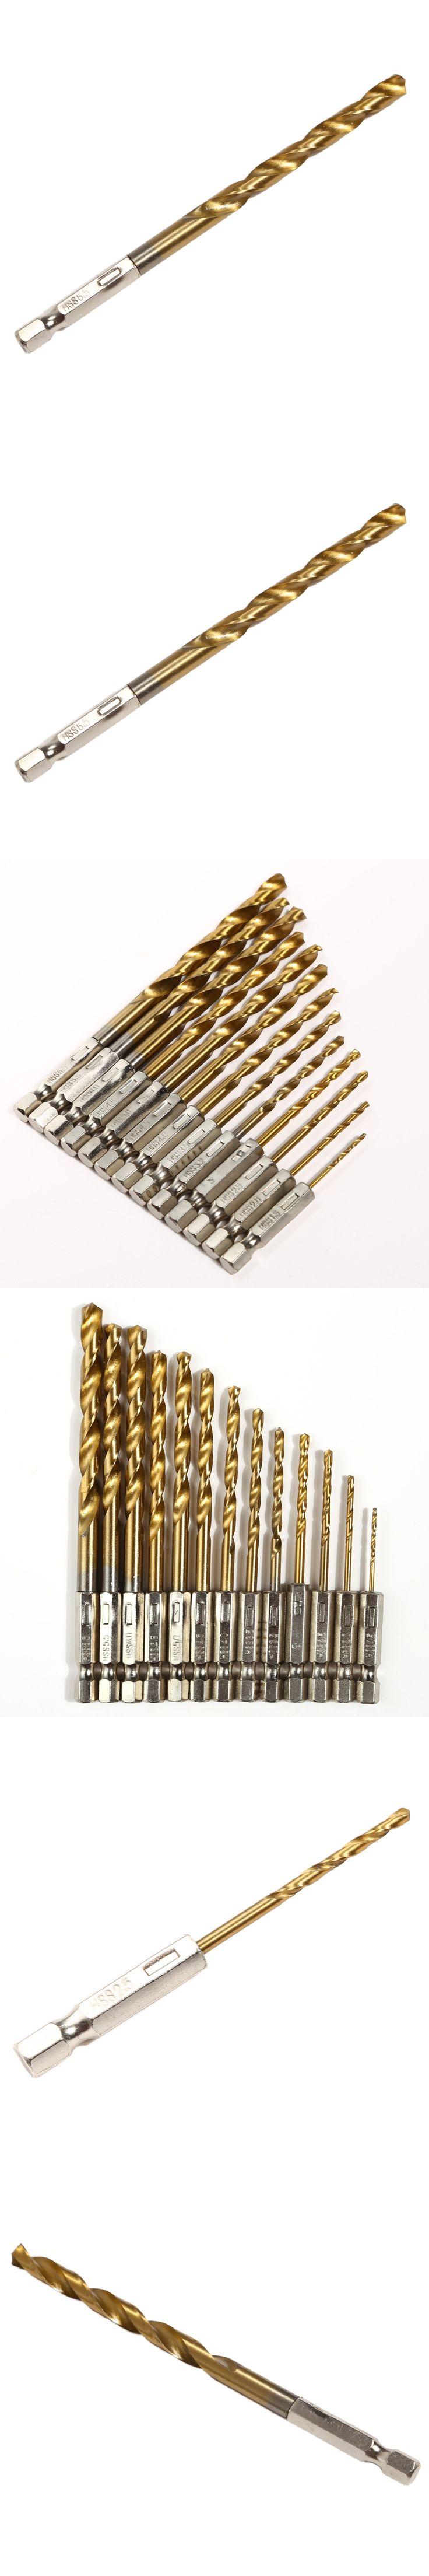 13pcs/set HSS High Speed Steel Twist Drill Bit for Metal Titanium Coated Drill 1/4 Hex Shank 1.5- 6.5mm Power Tools Accessories